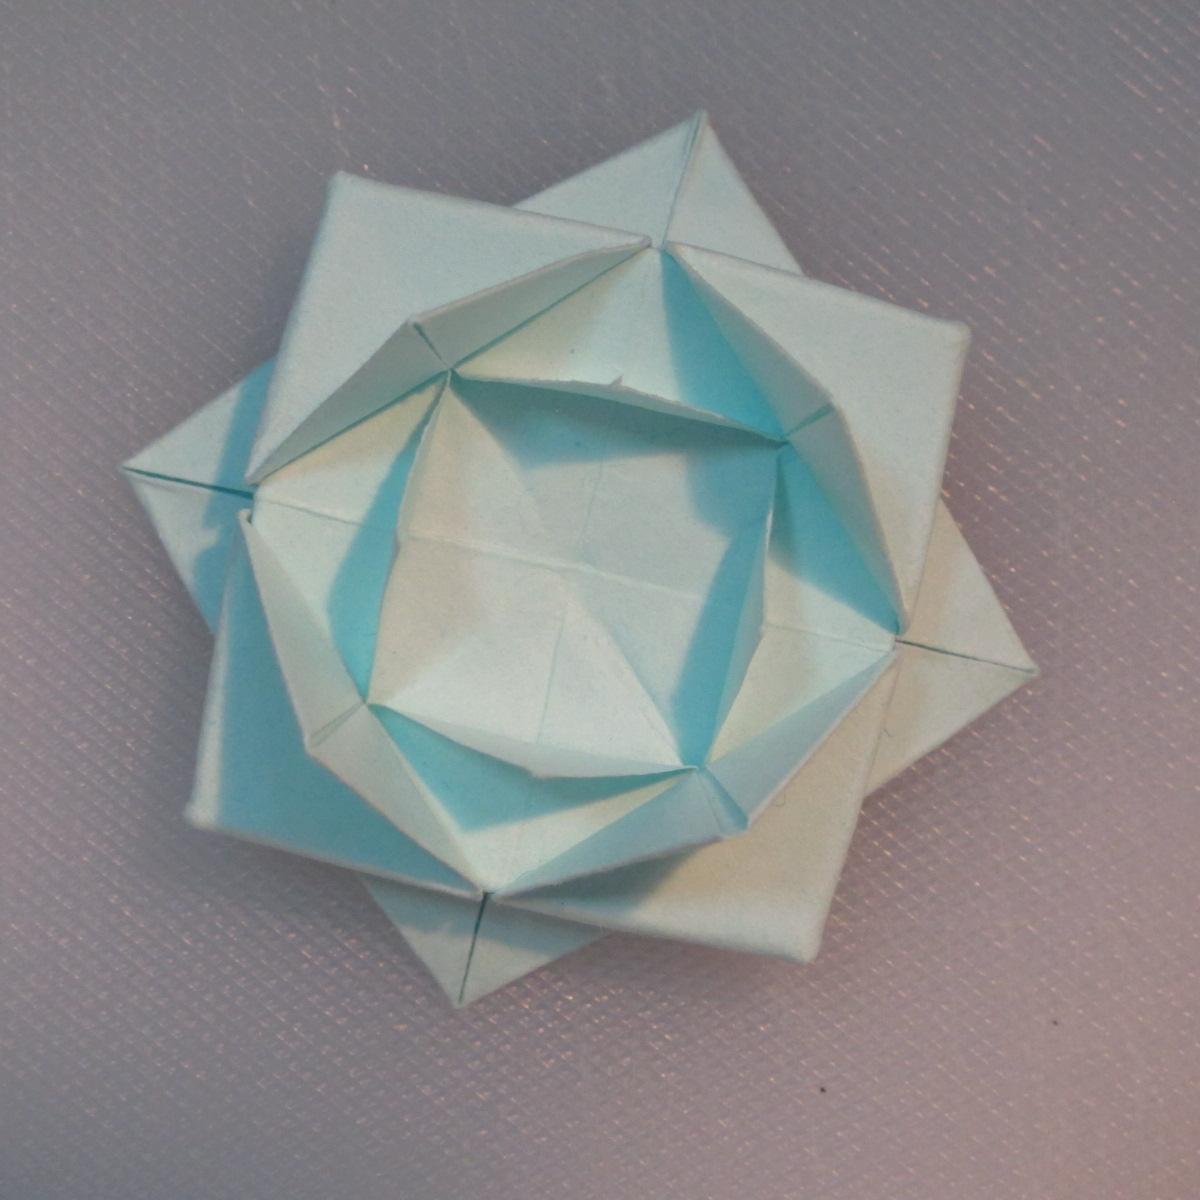 วิธีการพับกระดาษเป็นรูปโบว์ติดกล่องของขวัญ 011